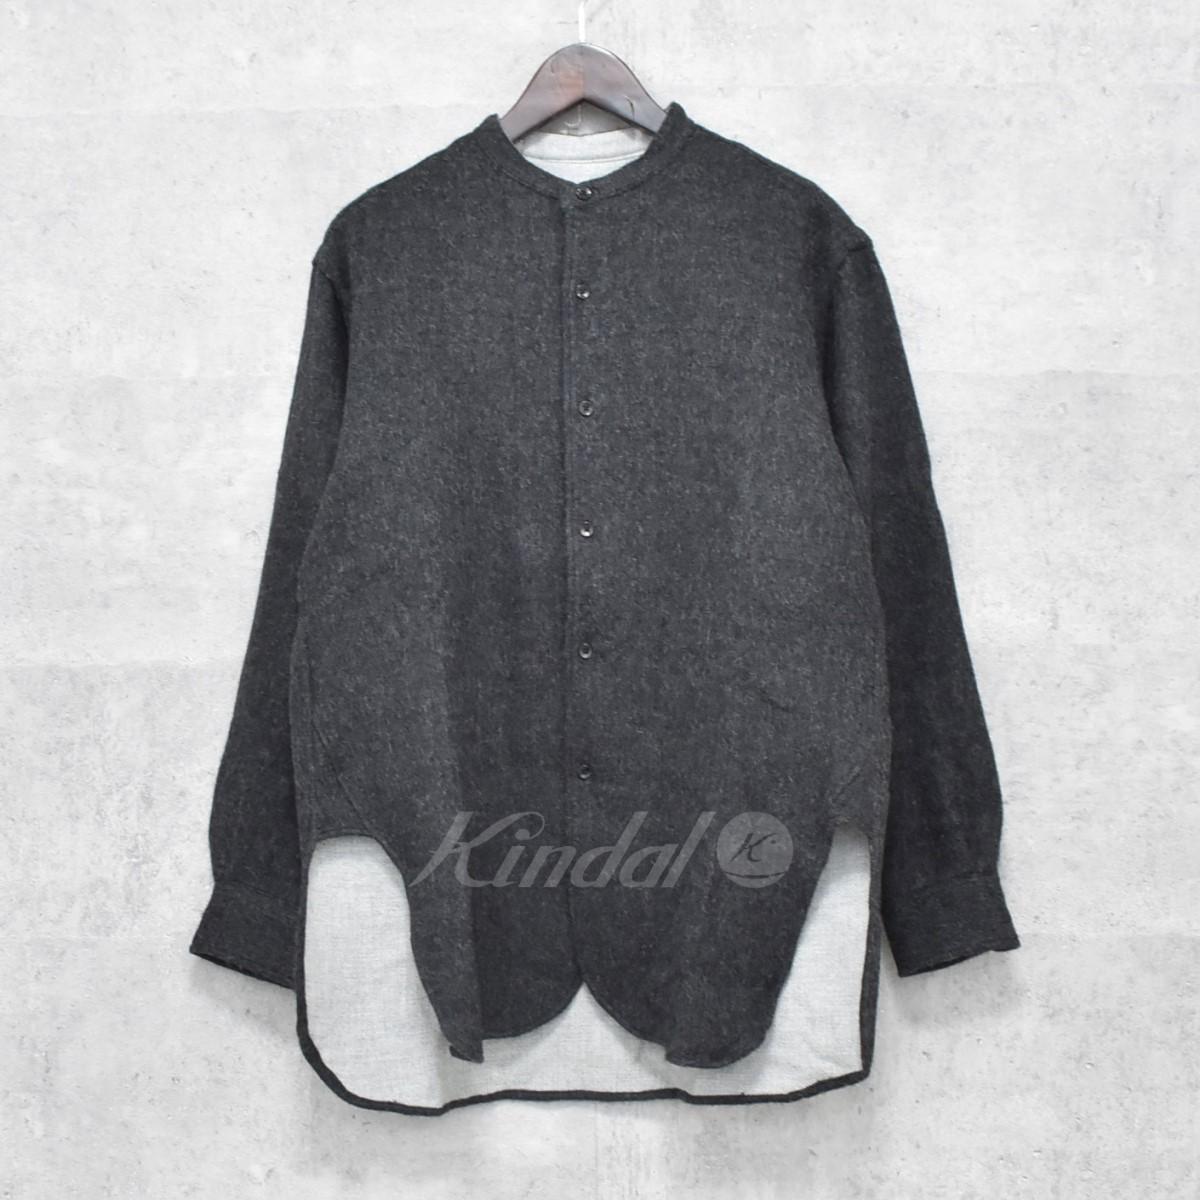 【中古】THE INOUE BROTHERS 17AW アルパカ混 スタンドカラーシャツ グレー サイズ:1 【送料無料】 【261018】(ザ イノウエブラザーズ)